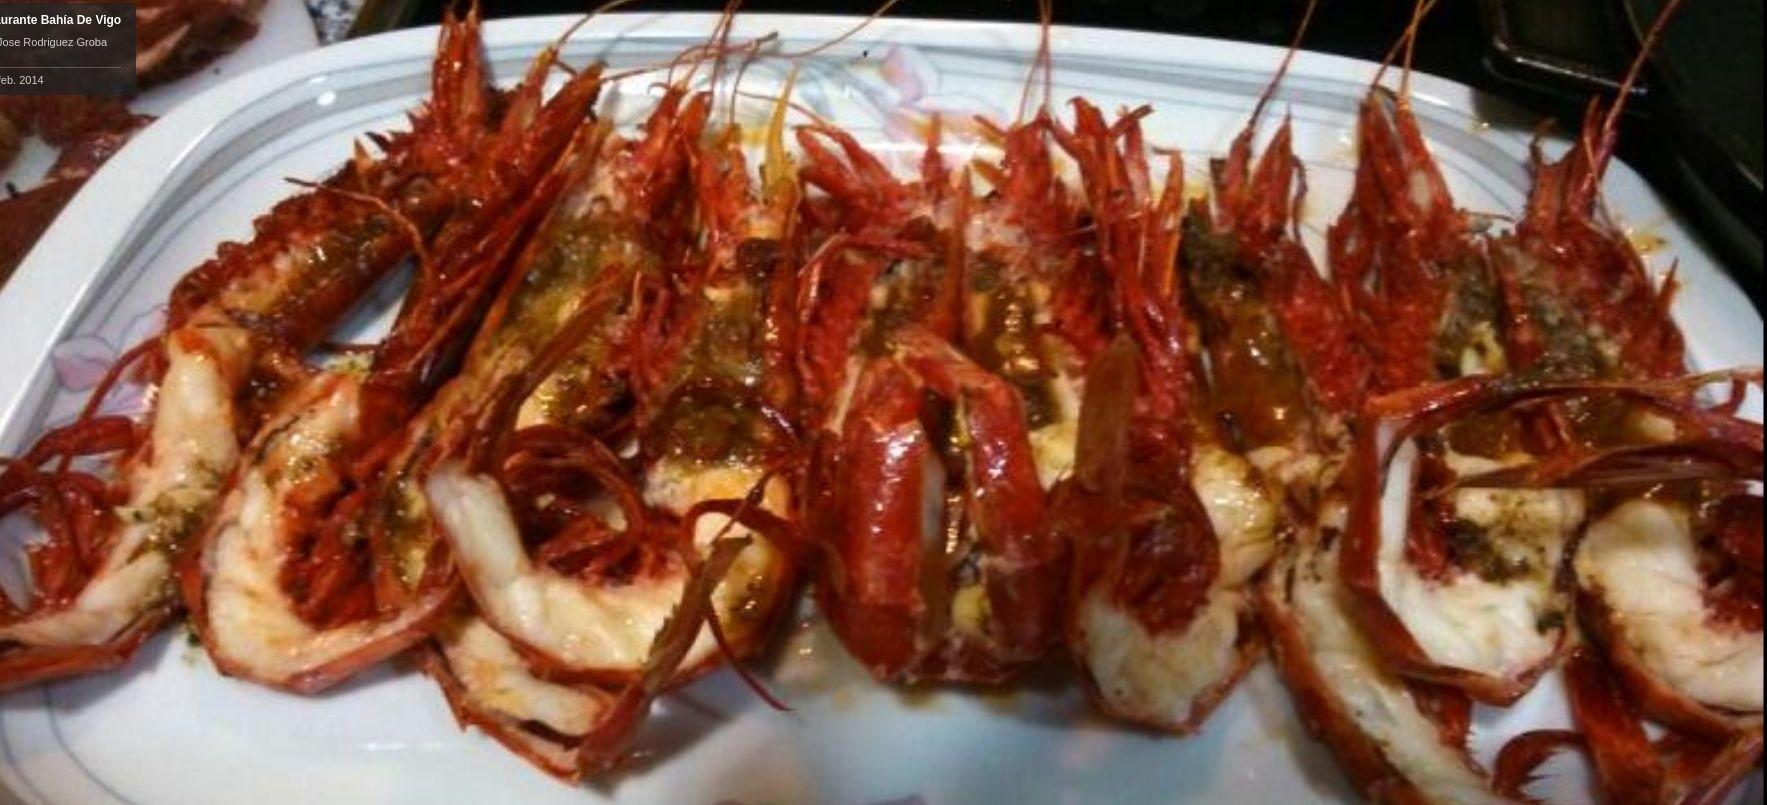 Foto 13 de Cocina gallega en Madrid | Restaurante Bahía De Vigo